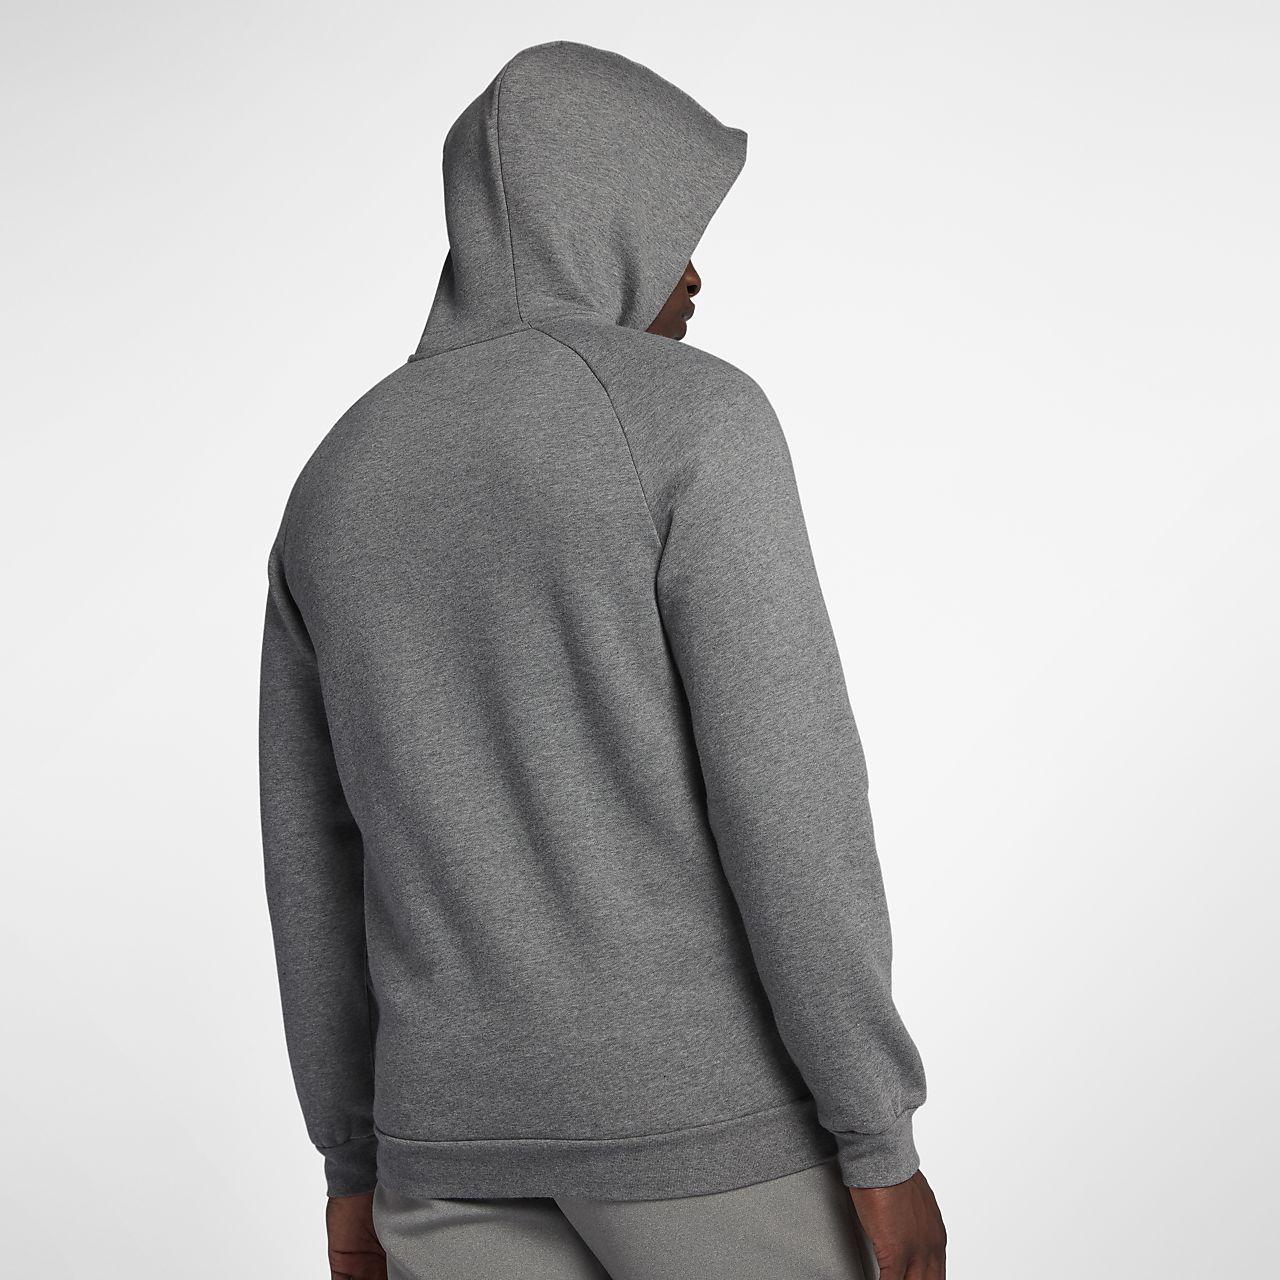 819ef0242a2b71 Low Resolution Jordan Jumpman Men s Fleece Full-Zip Hoodie Jordan Jumpman  Men s Fleece Full-Zip Hoodie